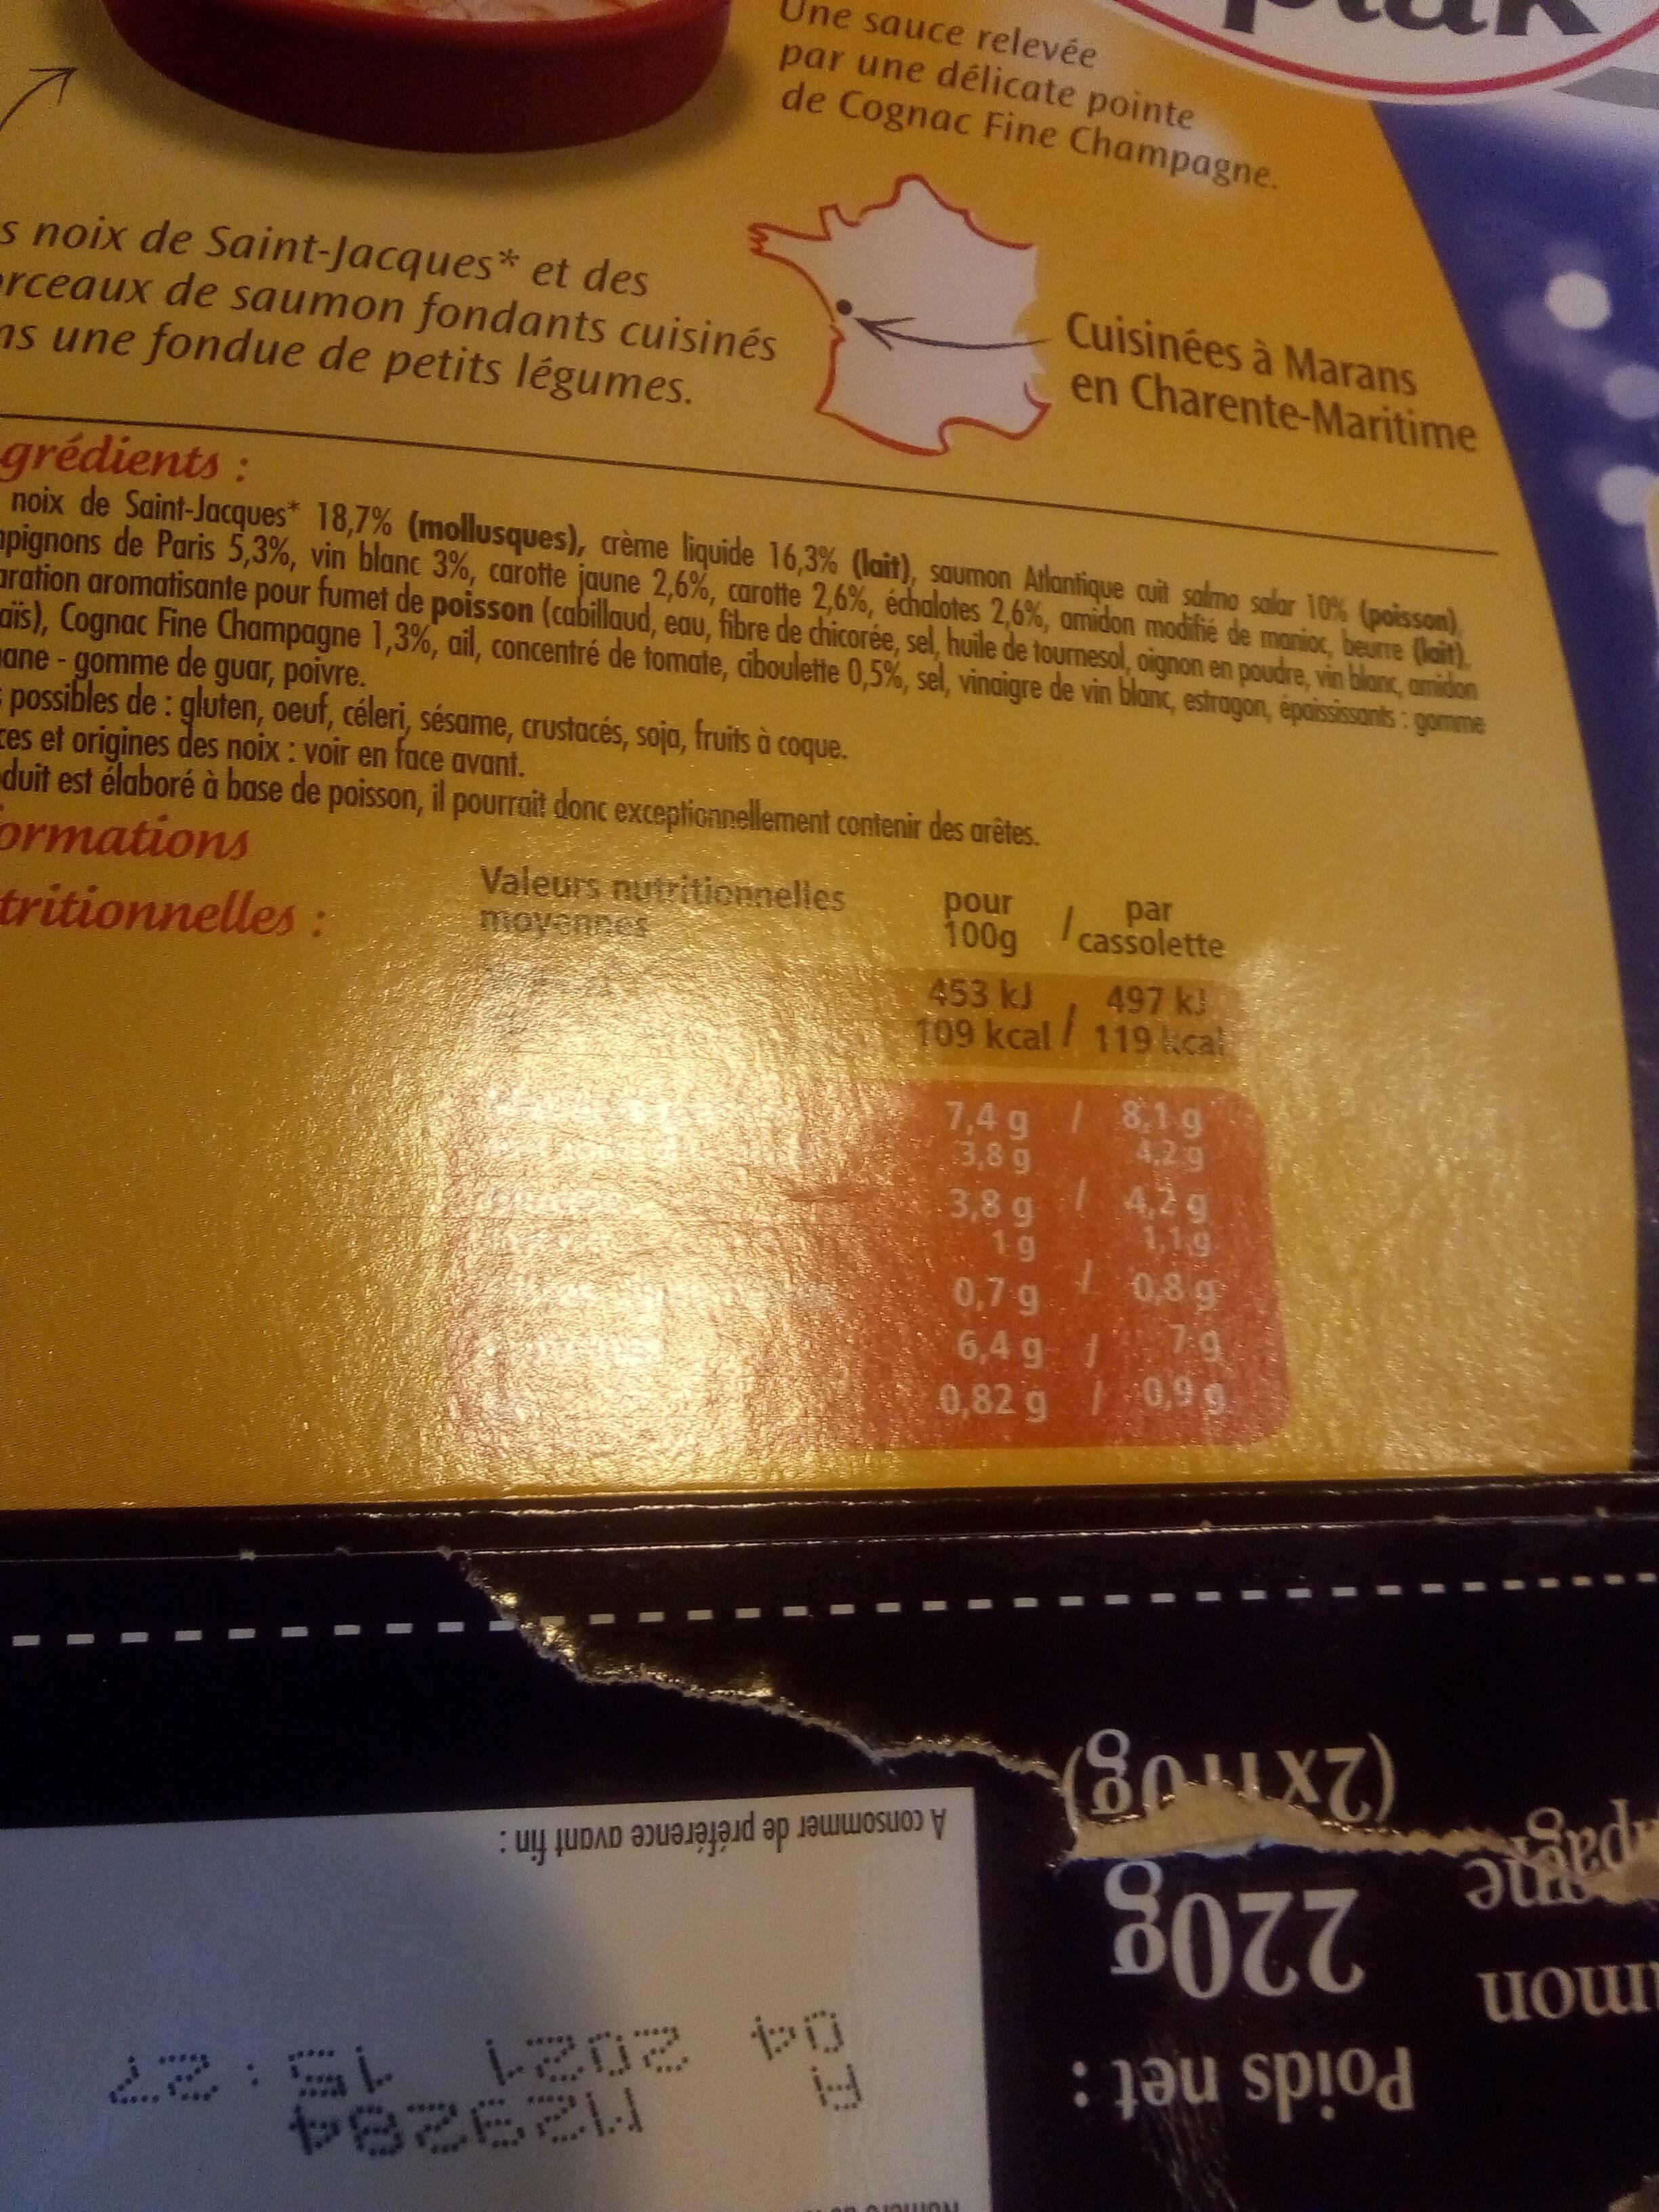 Cassolettes de Saint-Jacques et Saumon - Ingrédients